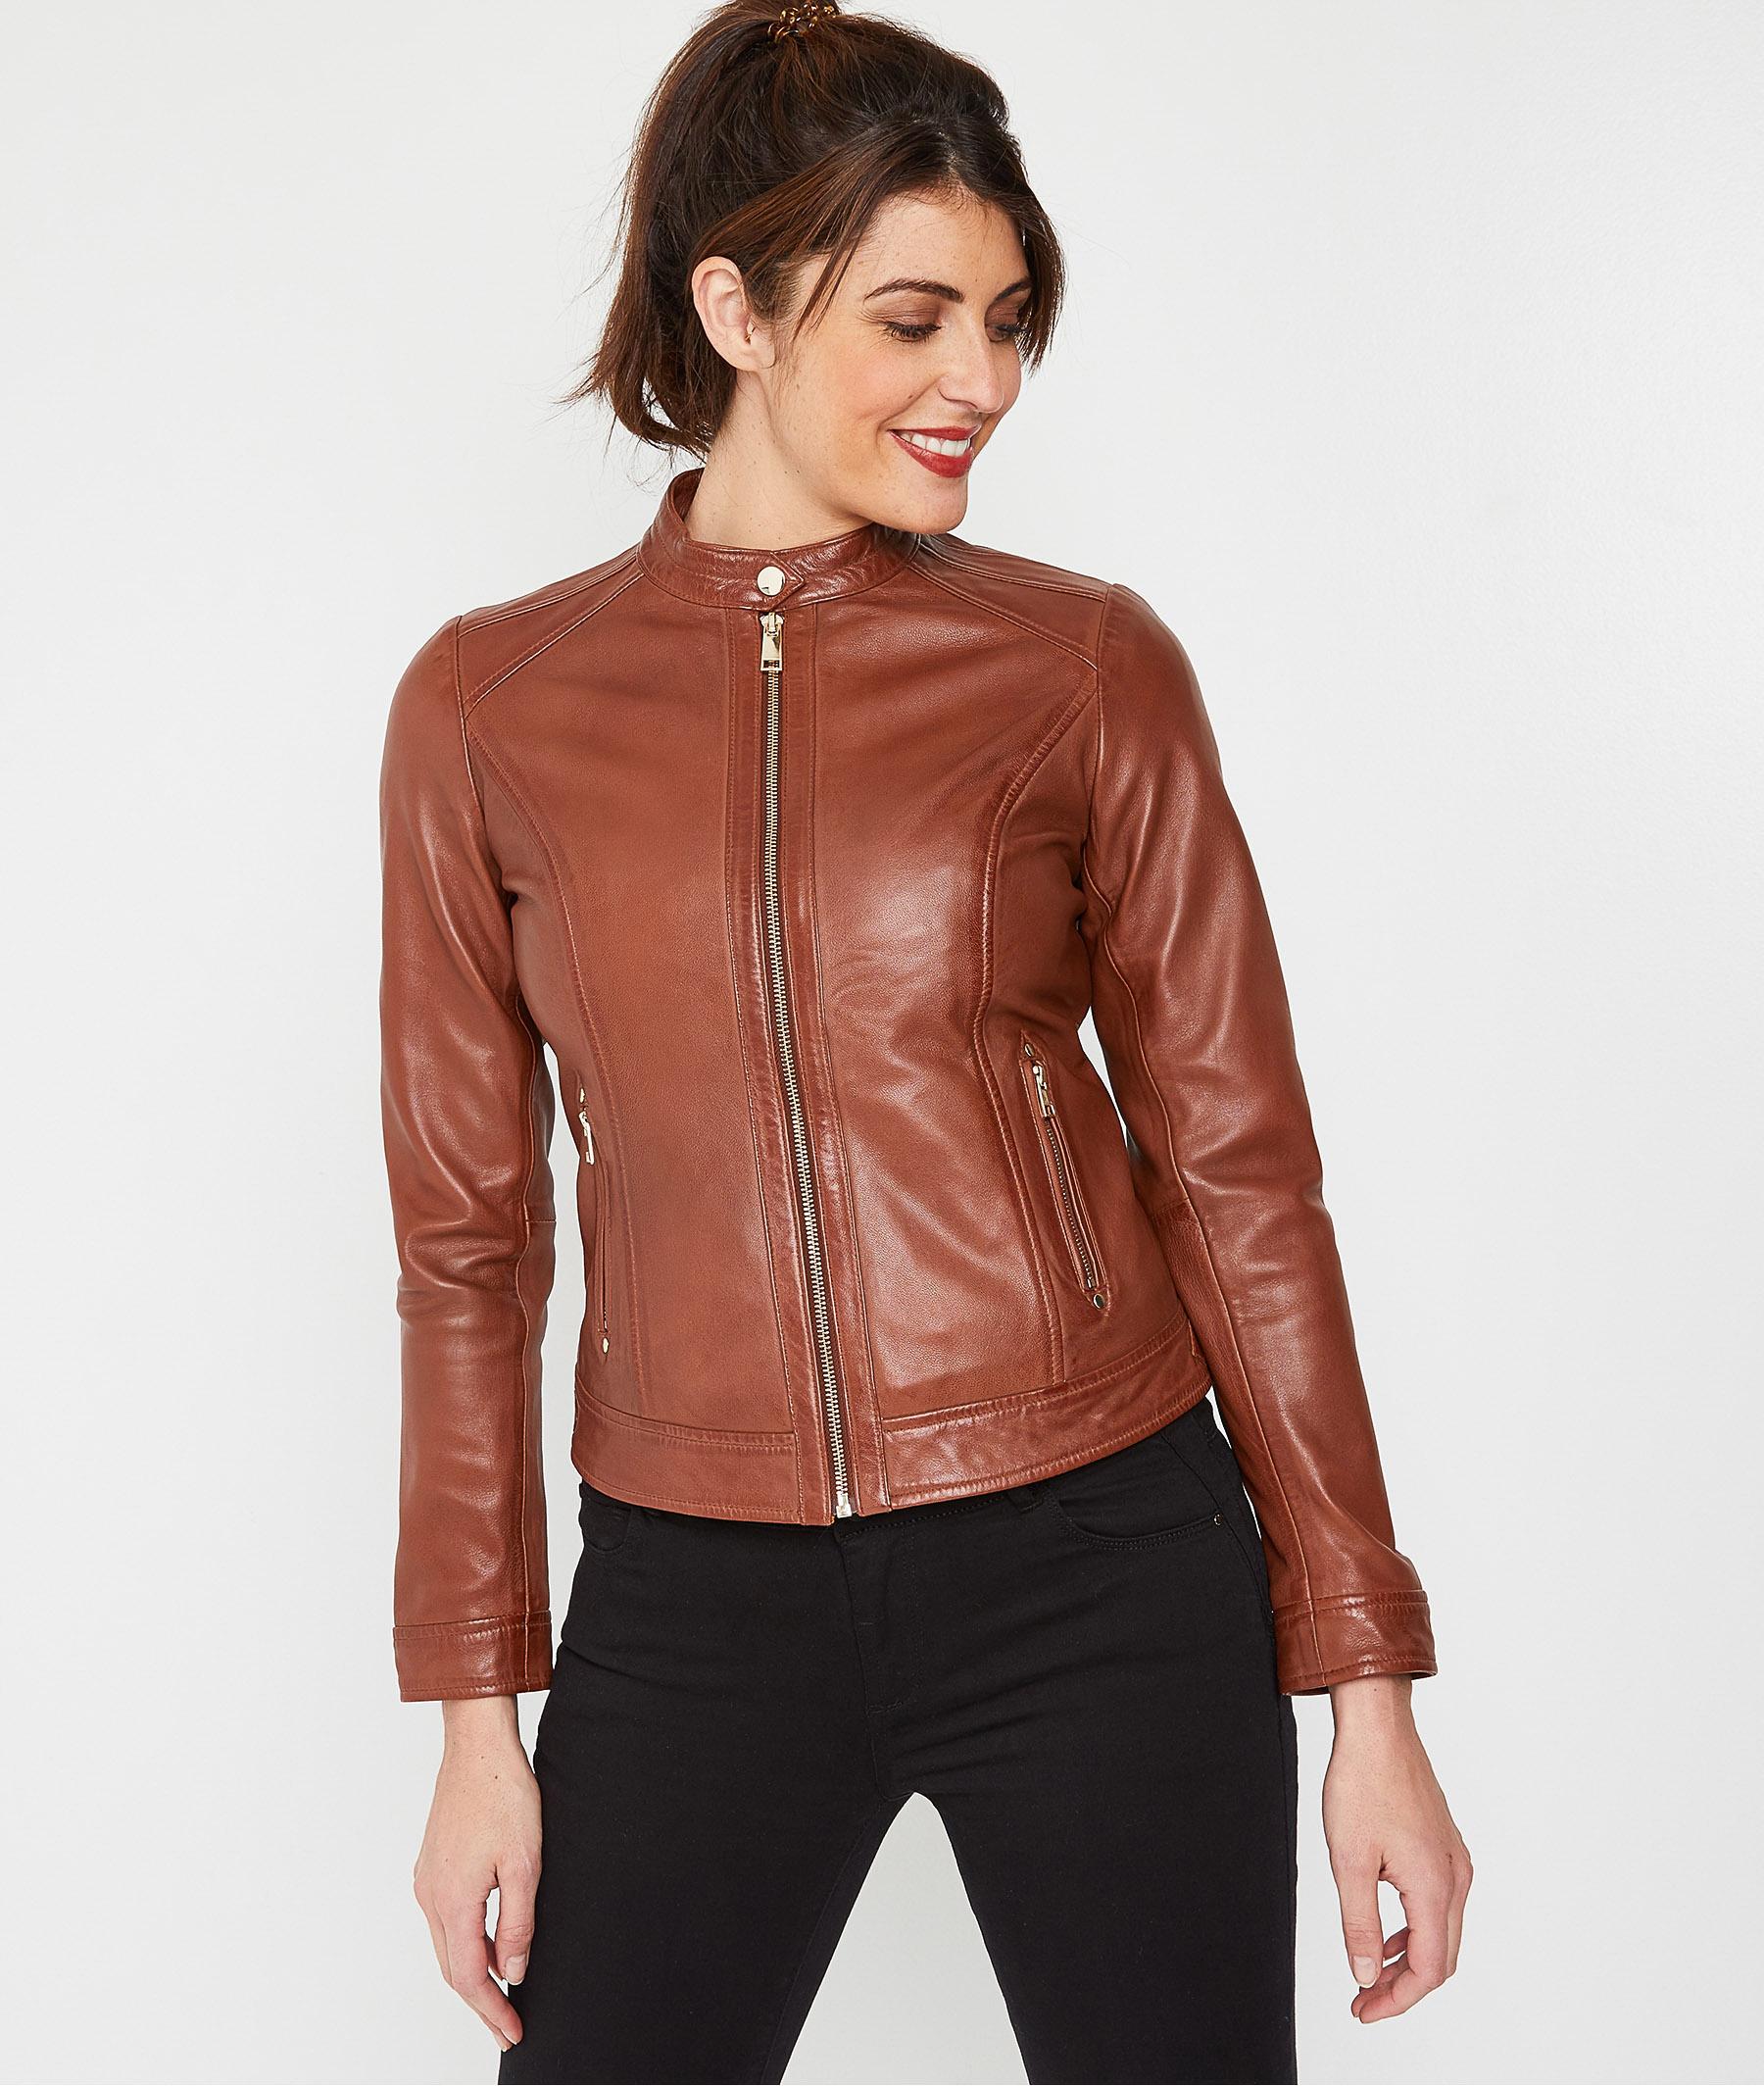 Veste et blouson pour femme, veste en cuir | Promod